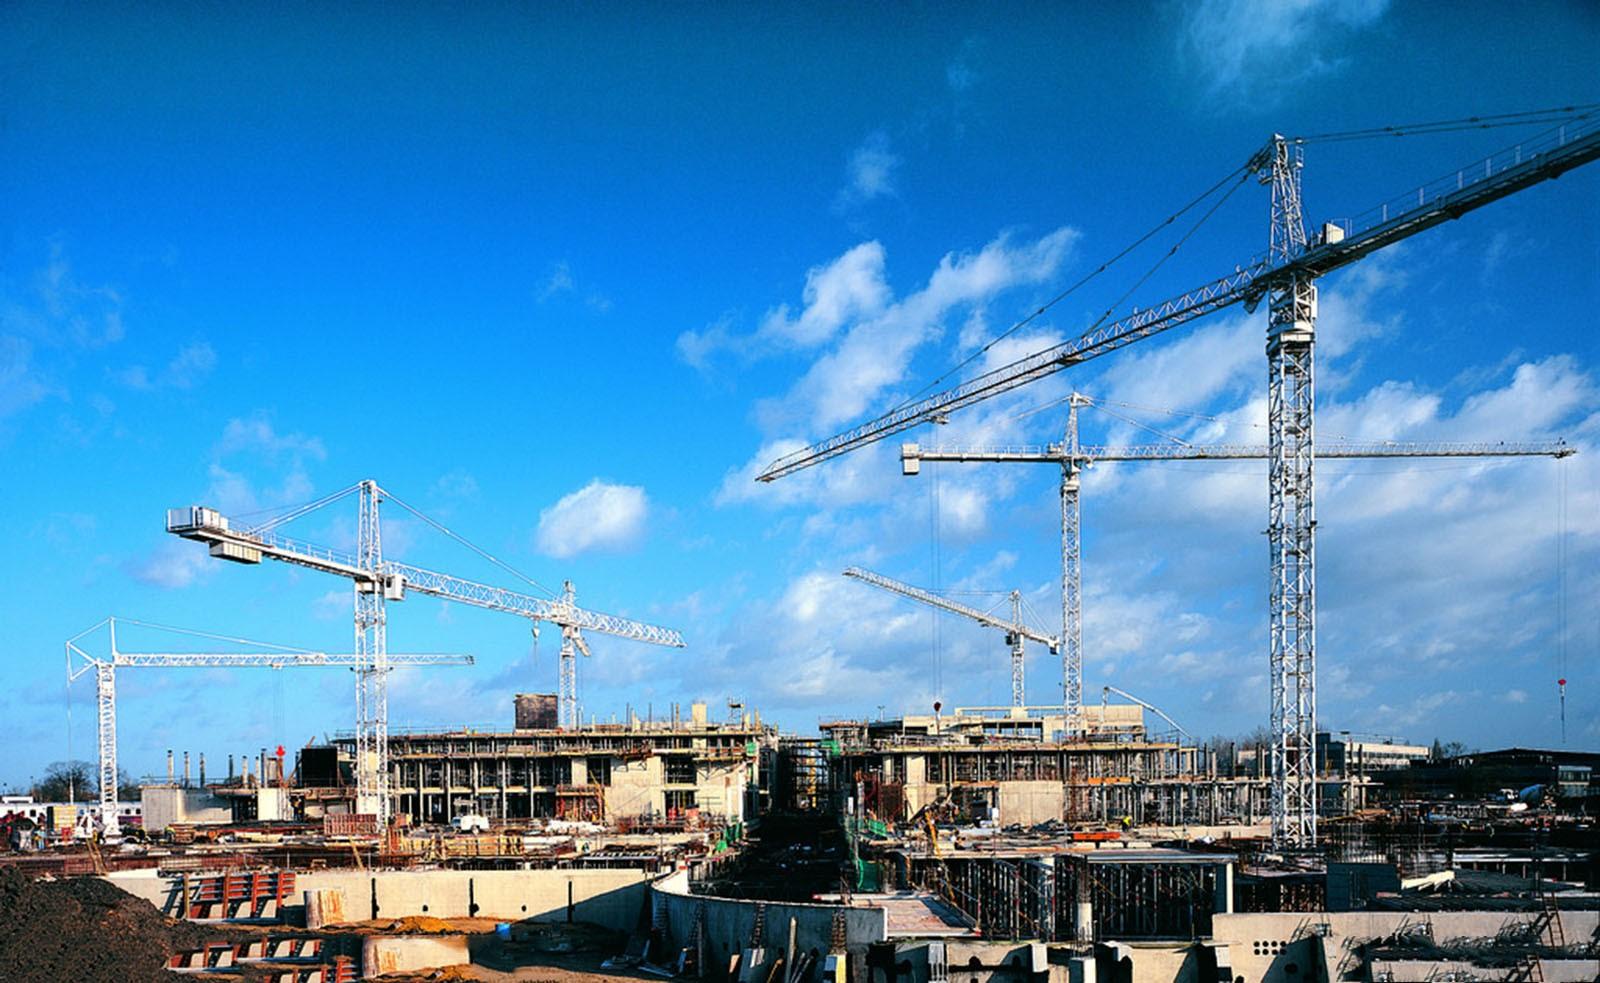 綠色輕鋼住宅將迎來發展的春天